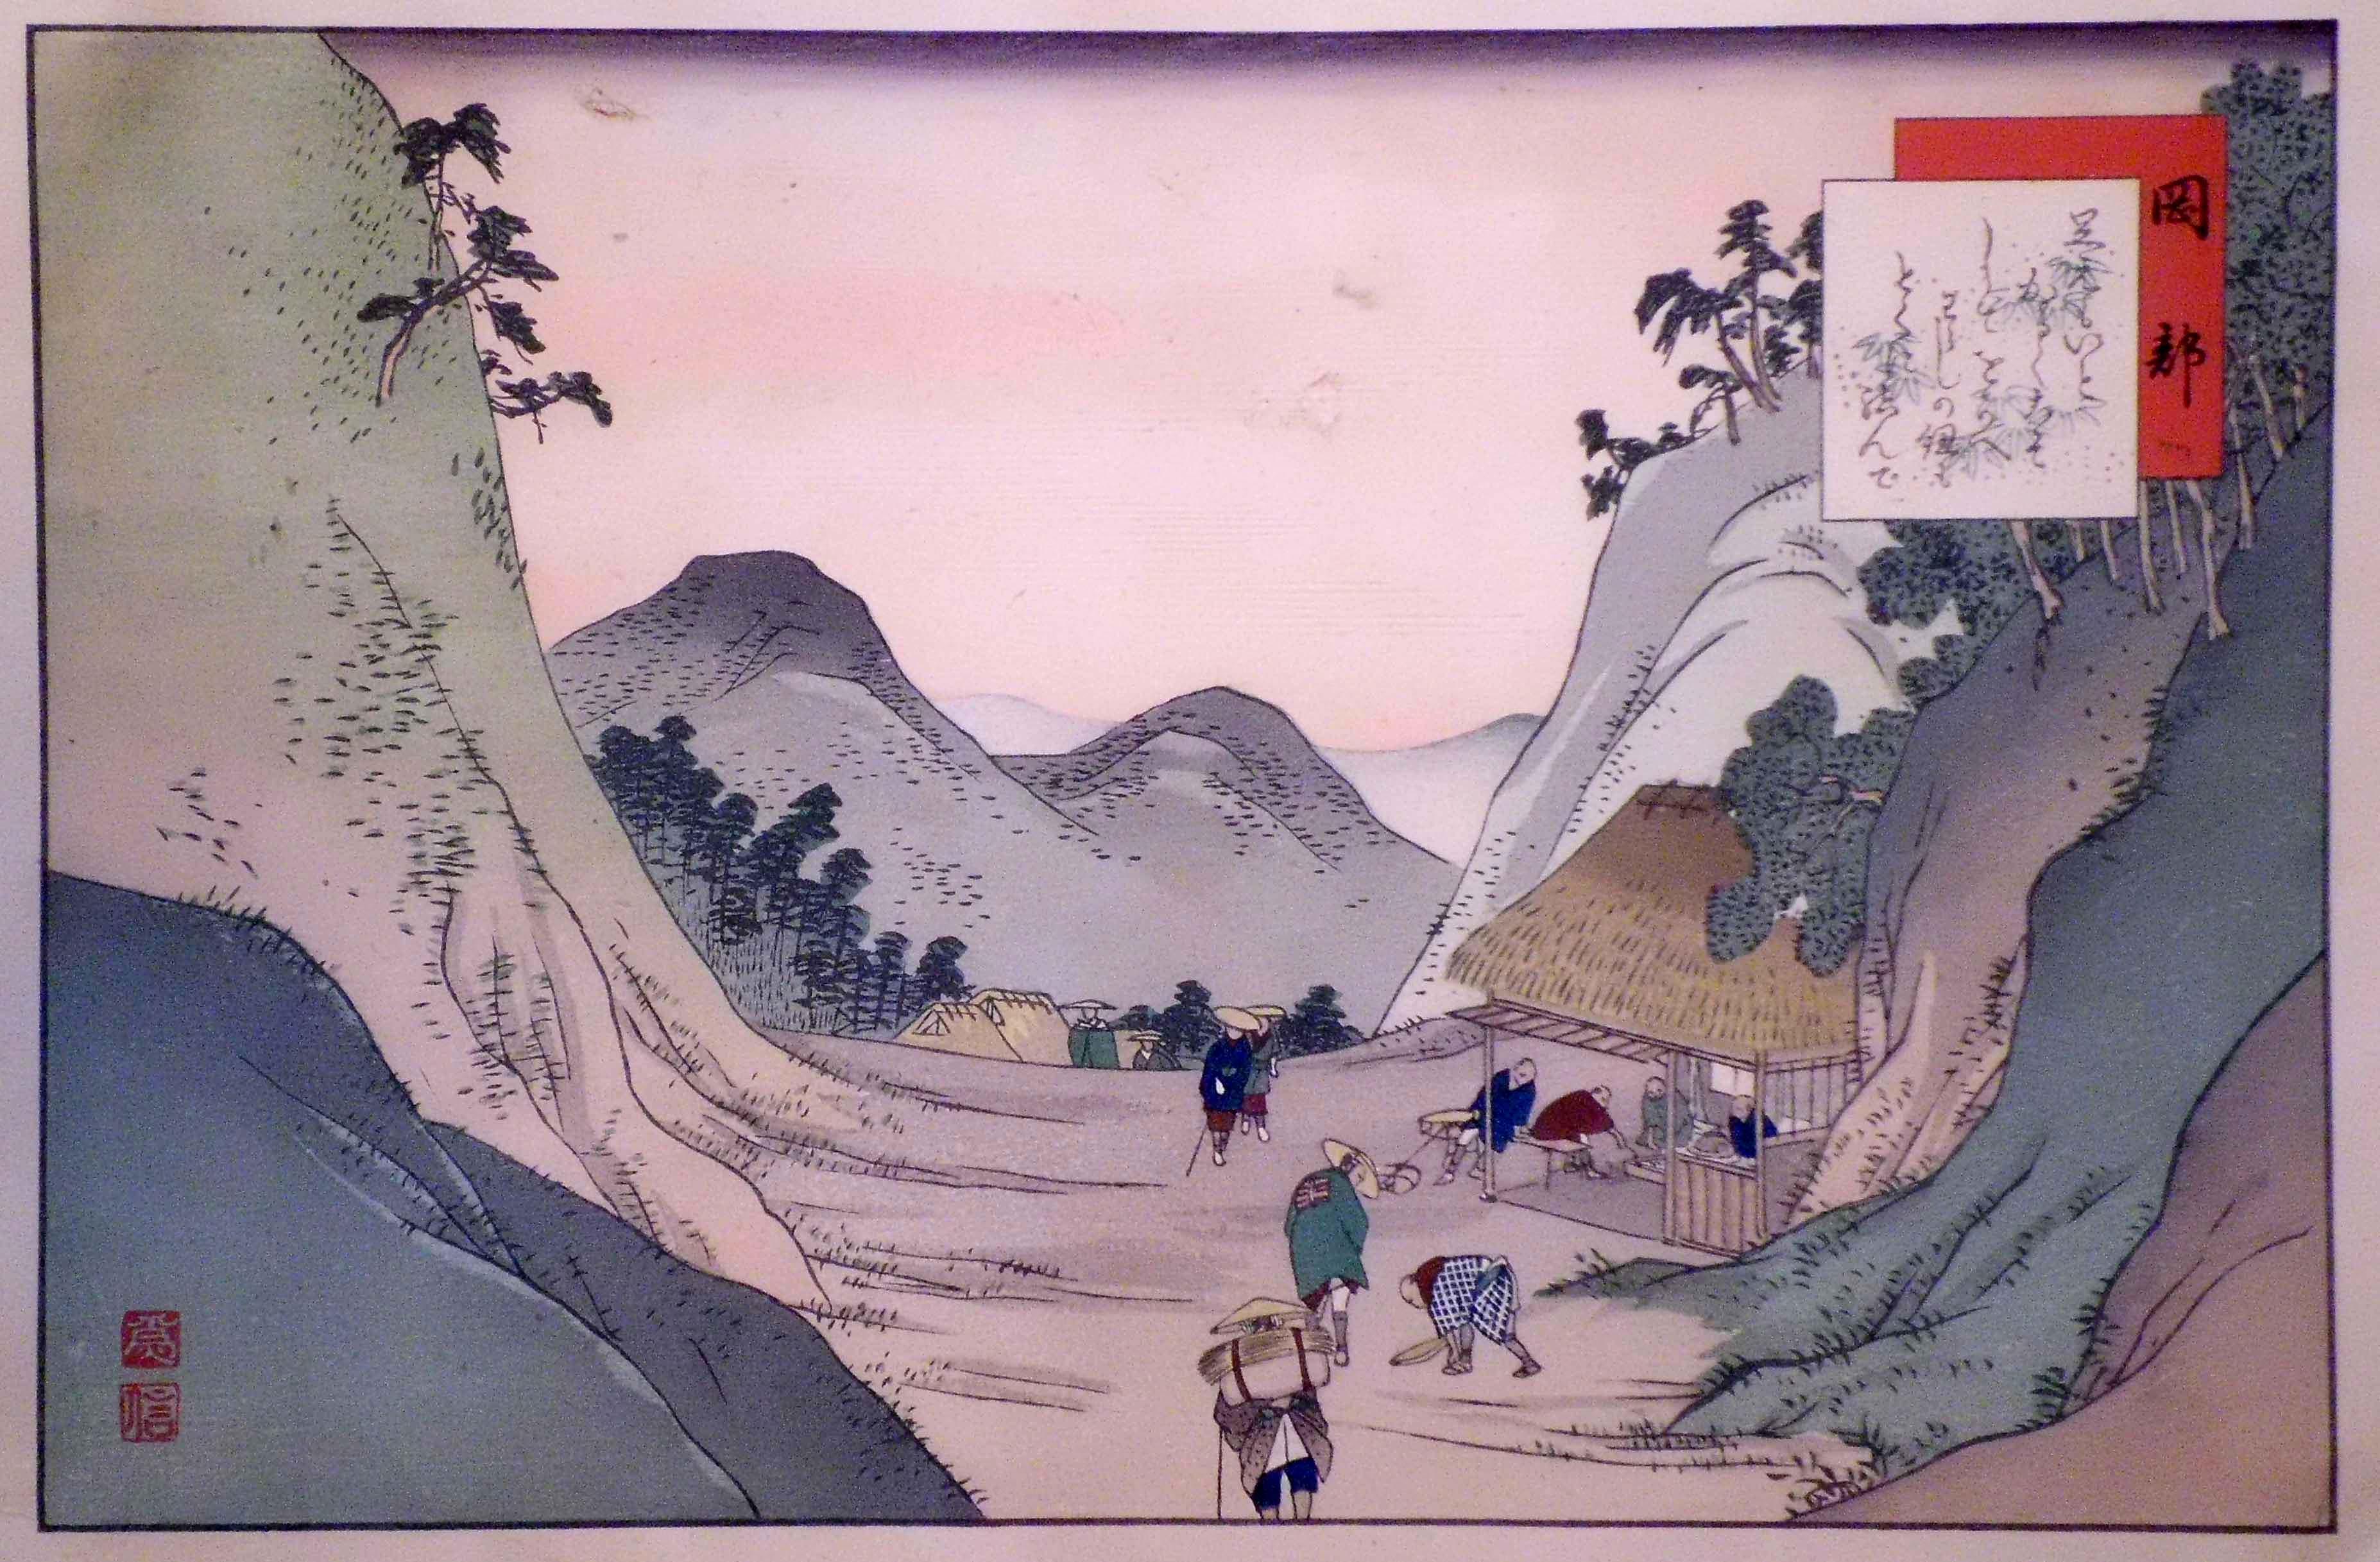 Fujikawa TAMENOBU (attivo nel 1890/1914) – OKABE: VENTUNESIMA STAZIONE DELLA TOKAIDO